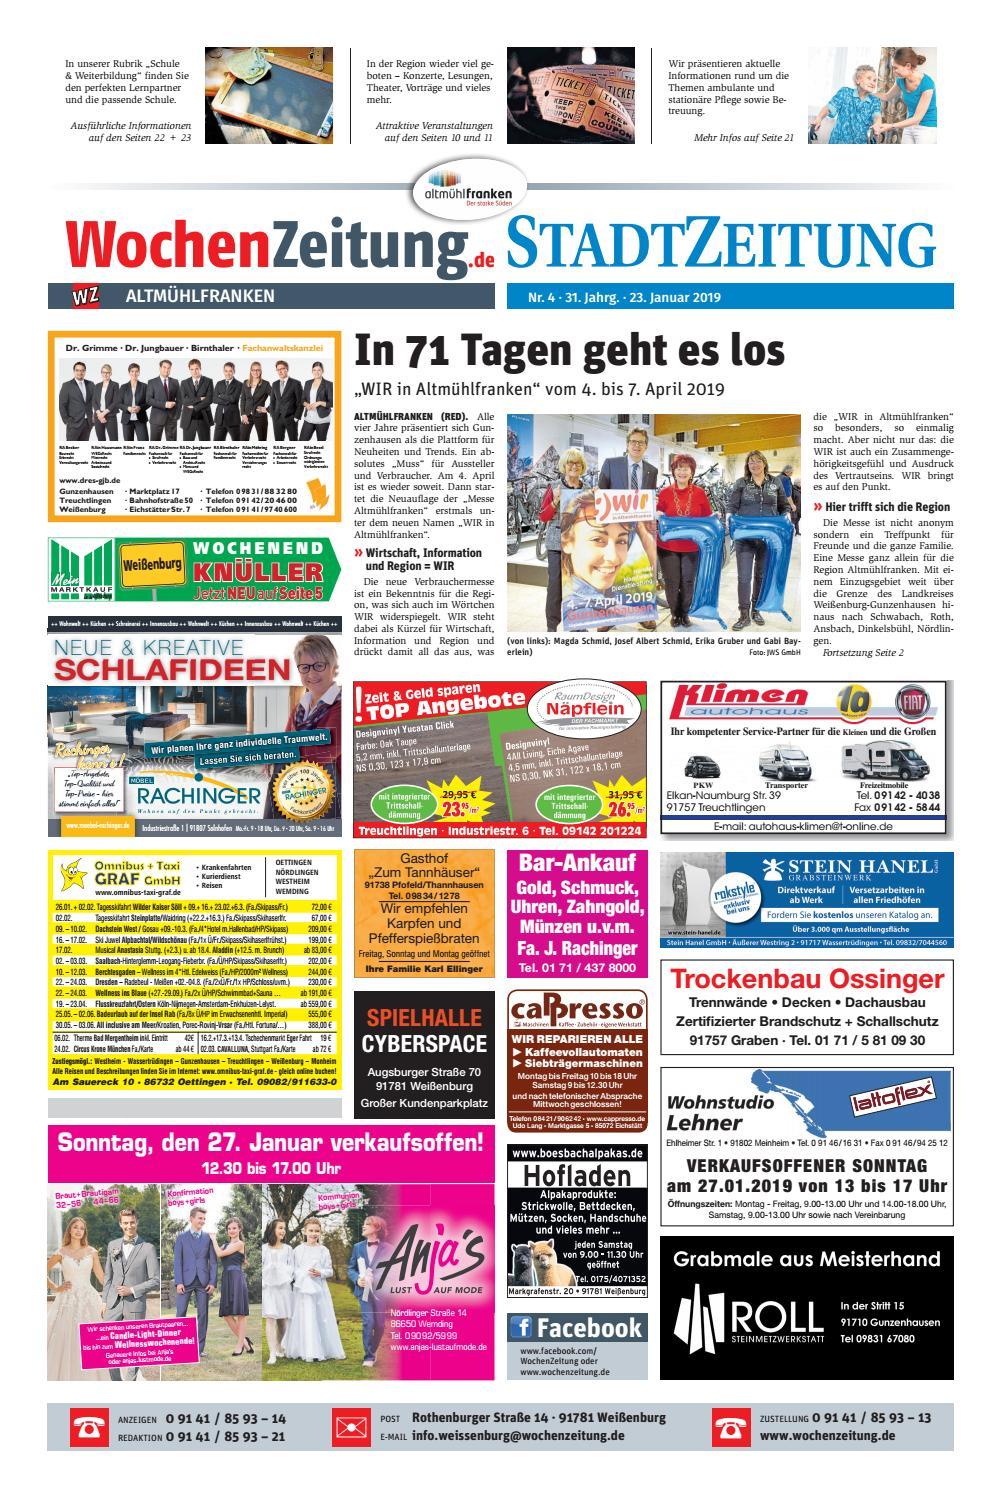 wochenzeitung altmuhlfranken kw 04 19 by wochenzeitung sonntagszeitung issuu